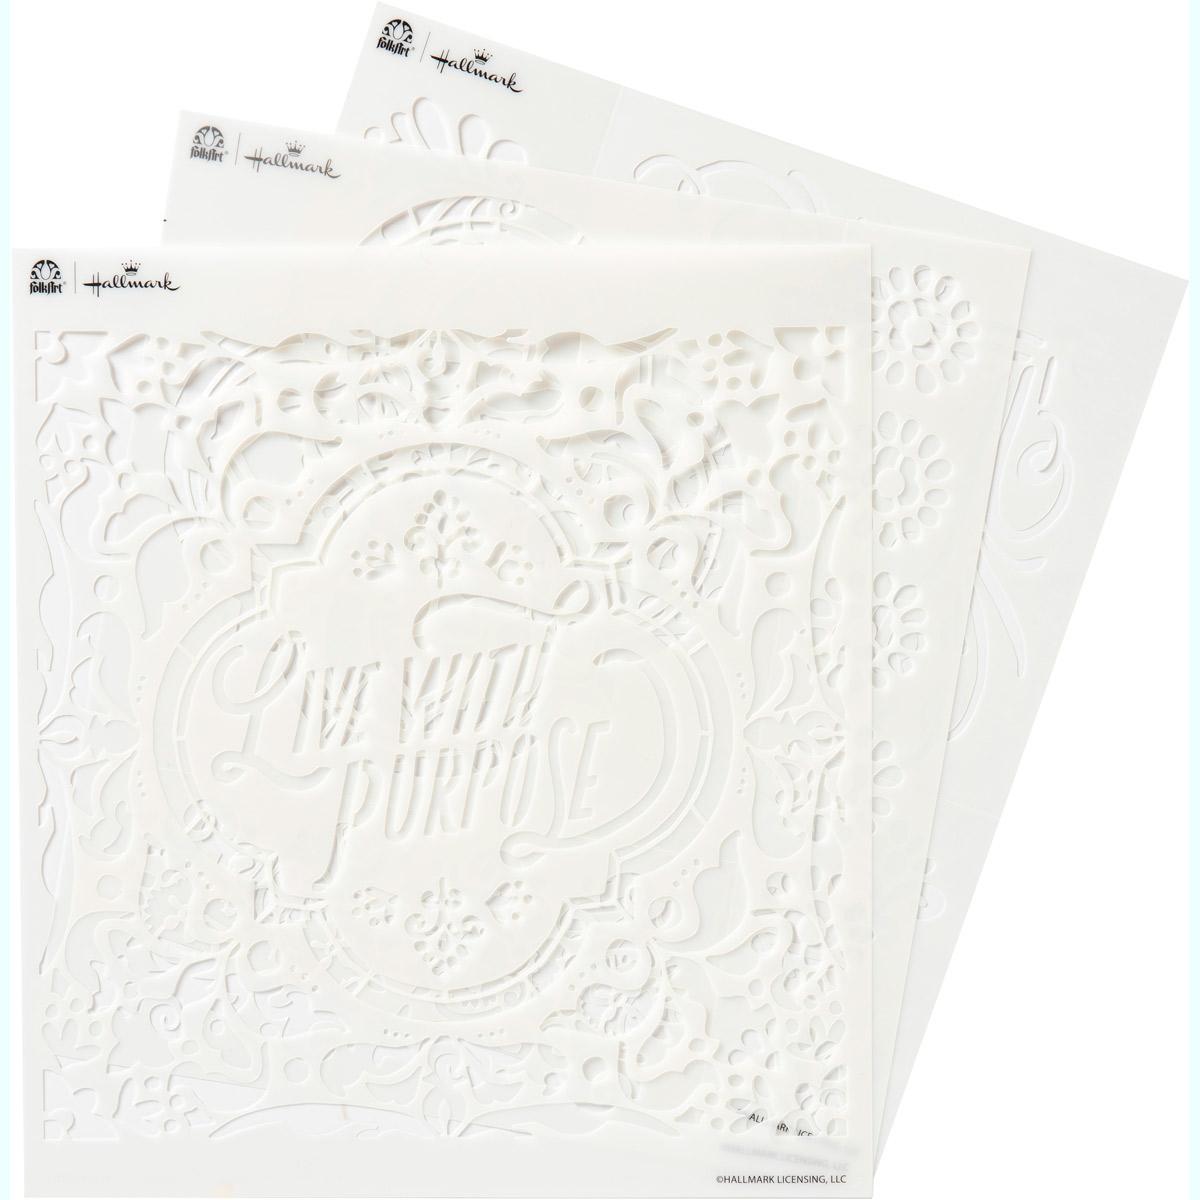 Hallmark Handcrafted Adhesive Stencils - Texture Design Pack, 8-1/2